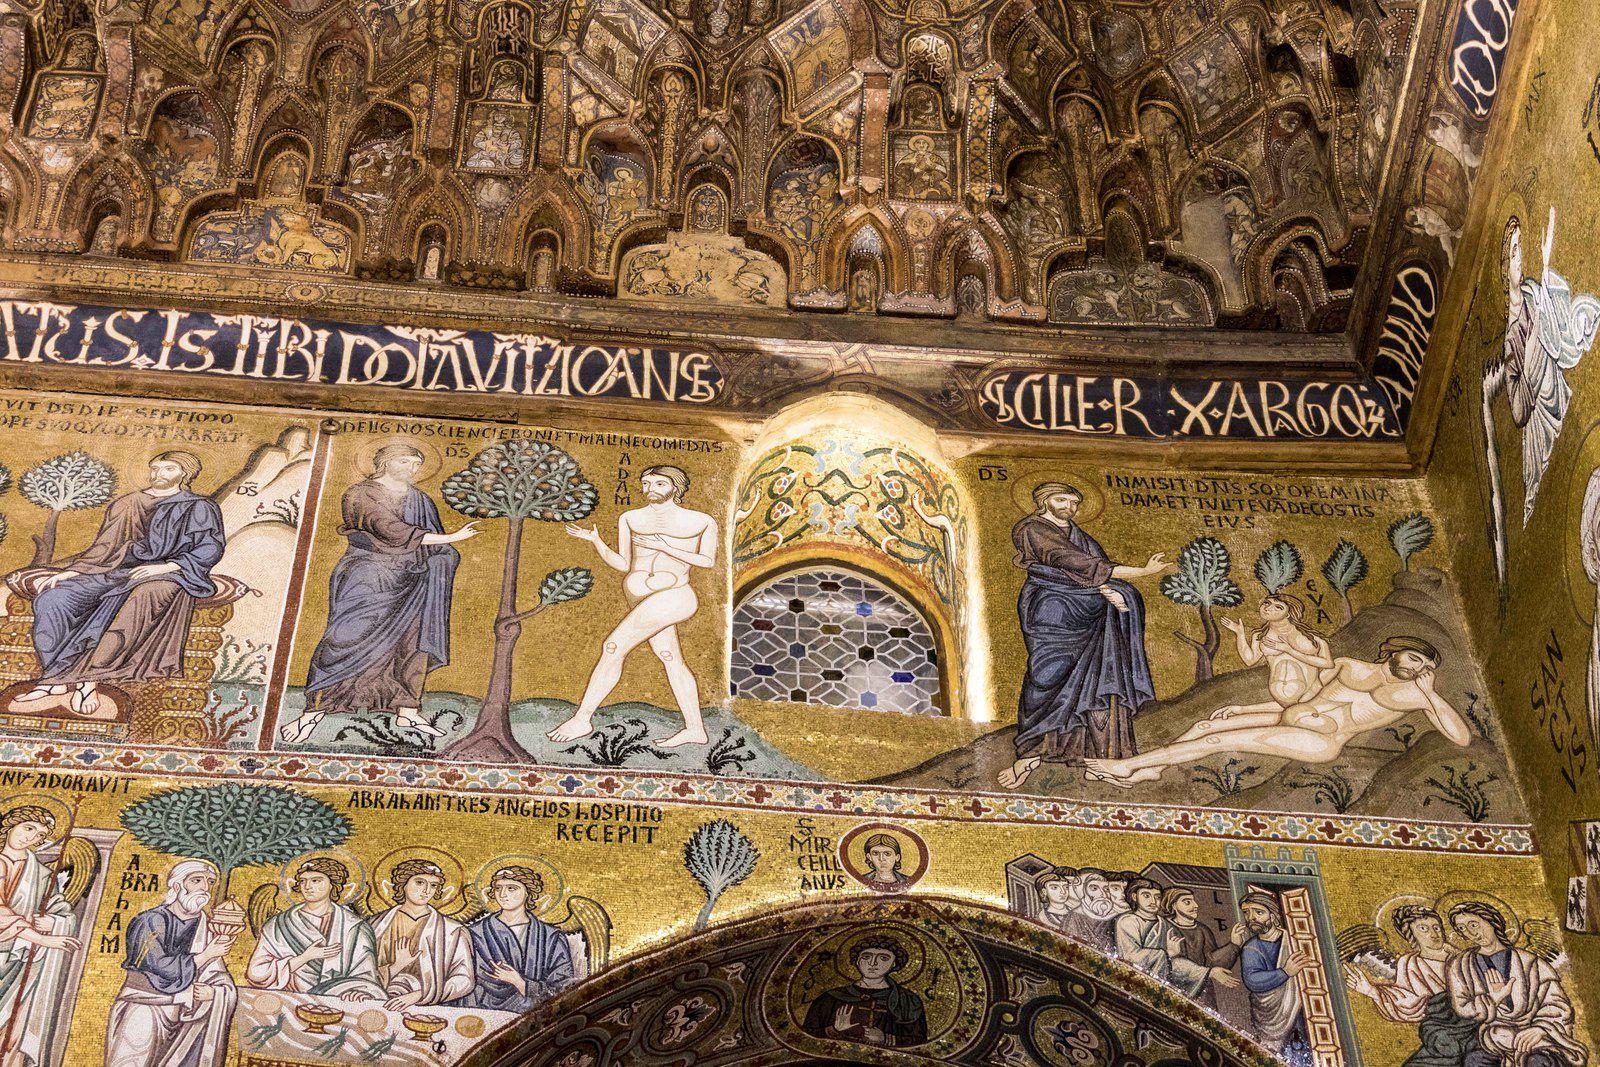 Le dôme de l'église San Cataldo sous la pluie, l'intérieur de la Chiesa della Martorana, des détails de la chapelle Palatine (photos 3 et 4)